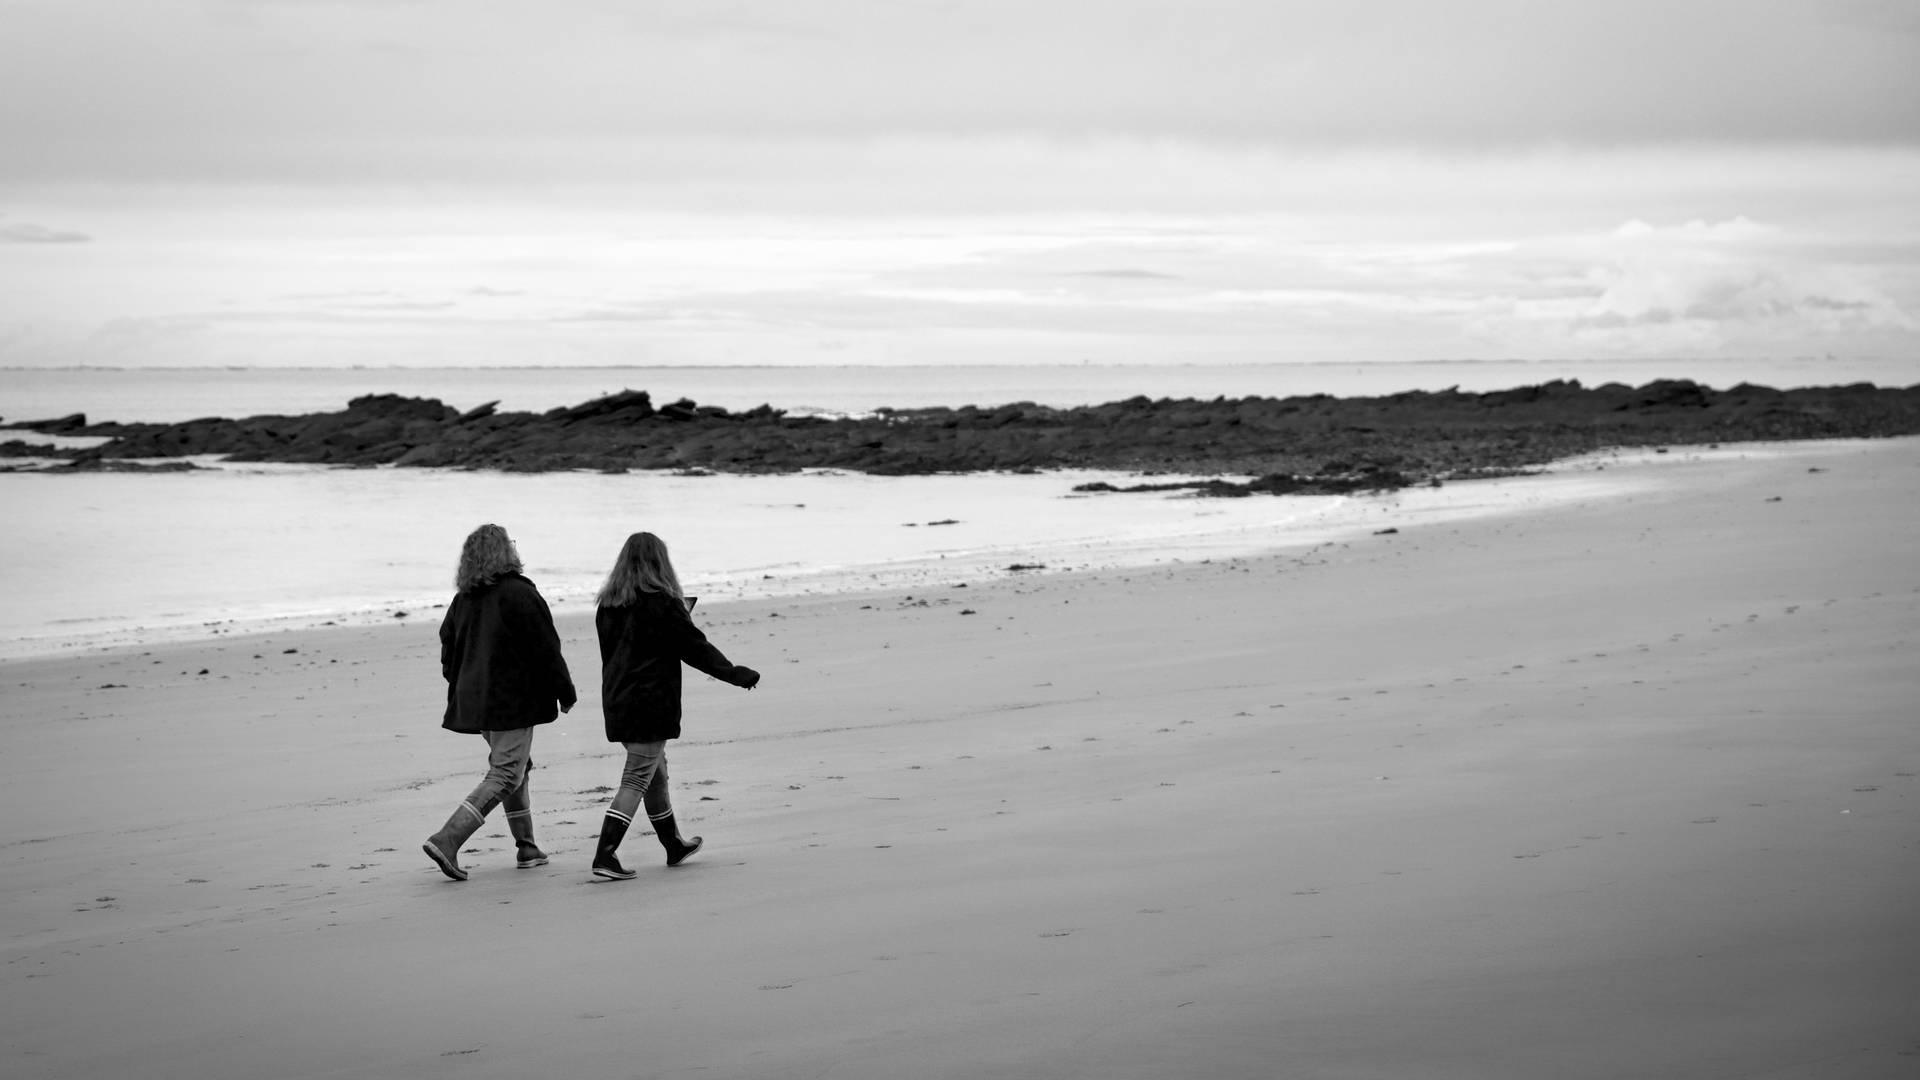 Boardwalk, L'île d'Yeu © Aurélien Curtet